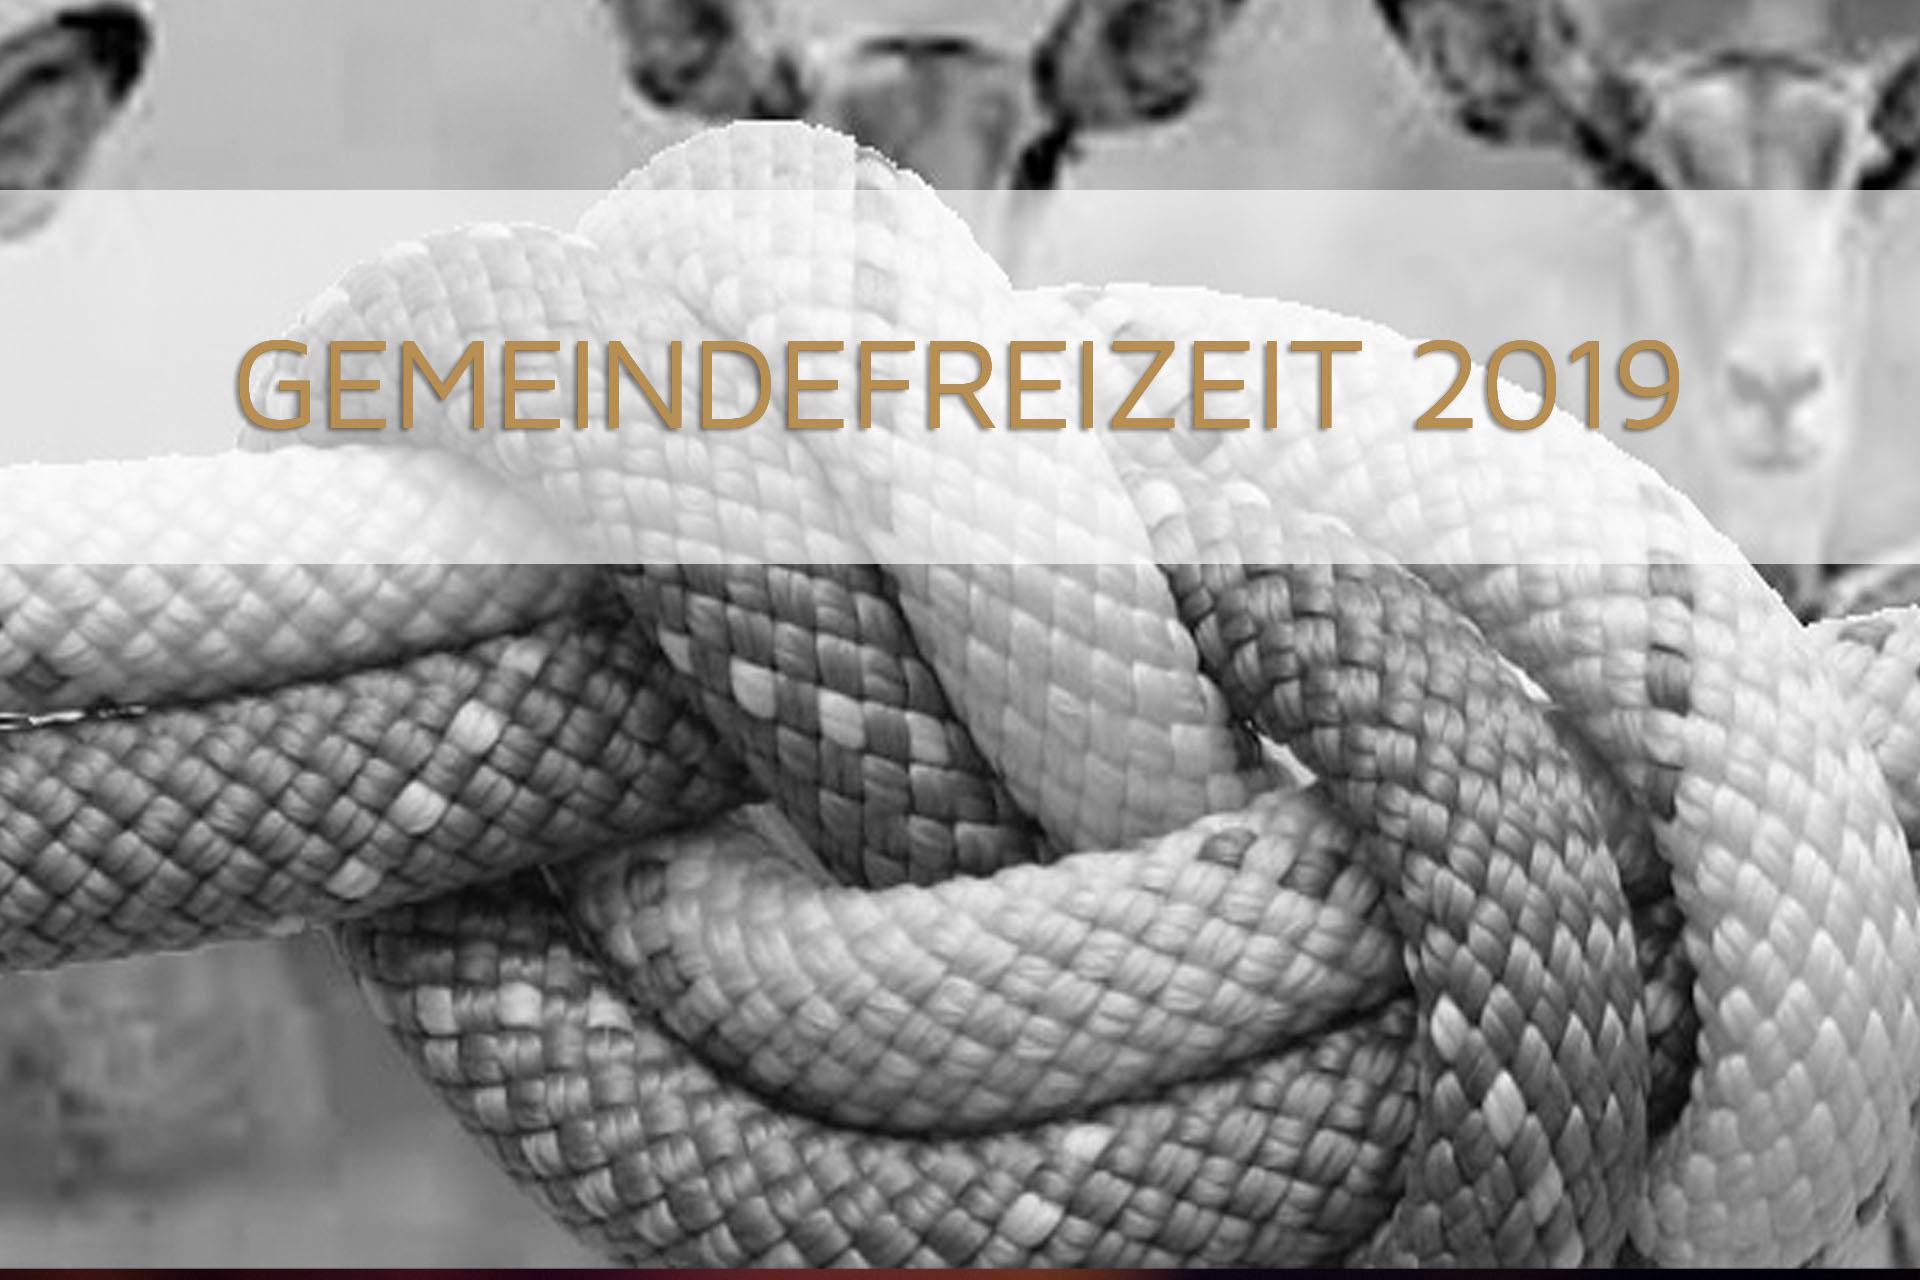 Gemeindefreizeit2019